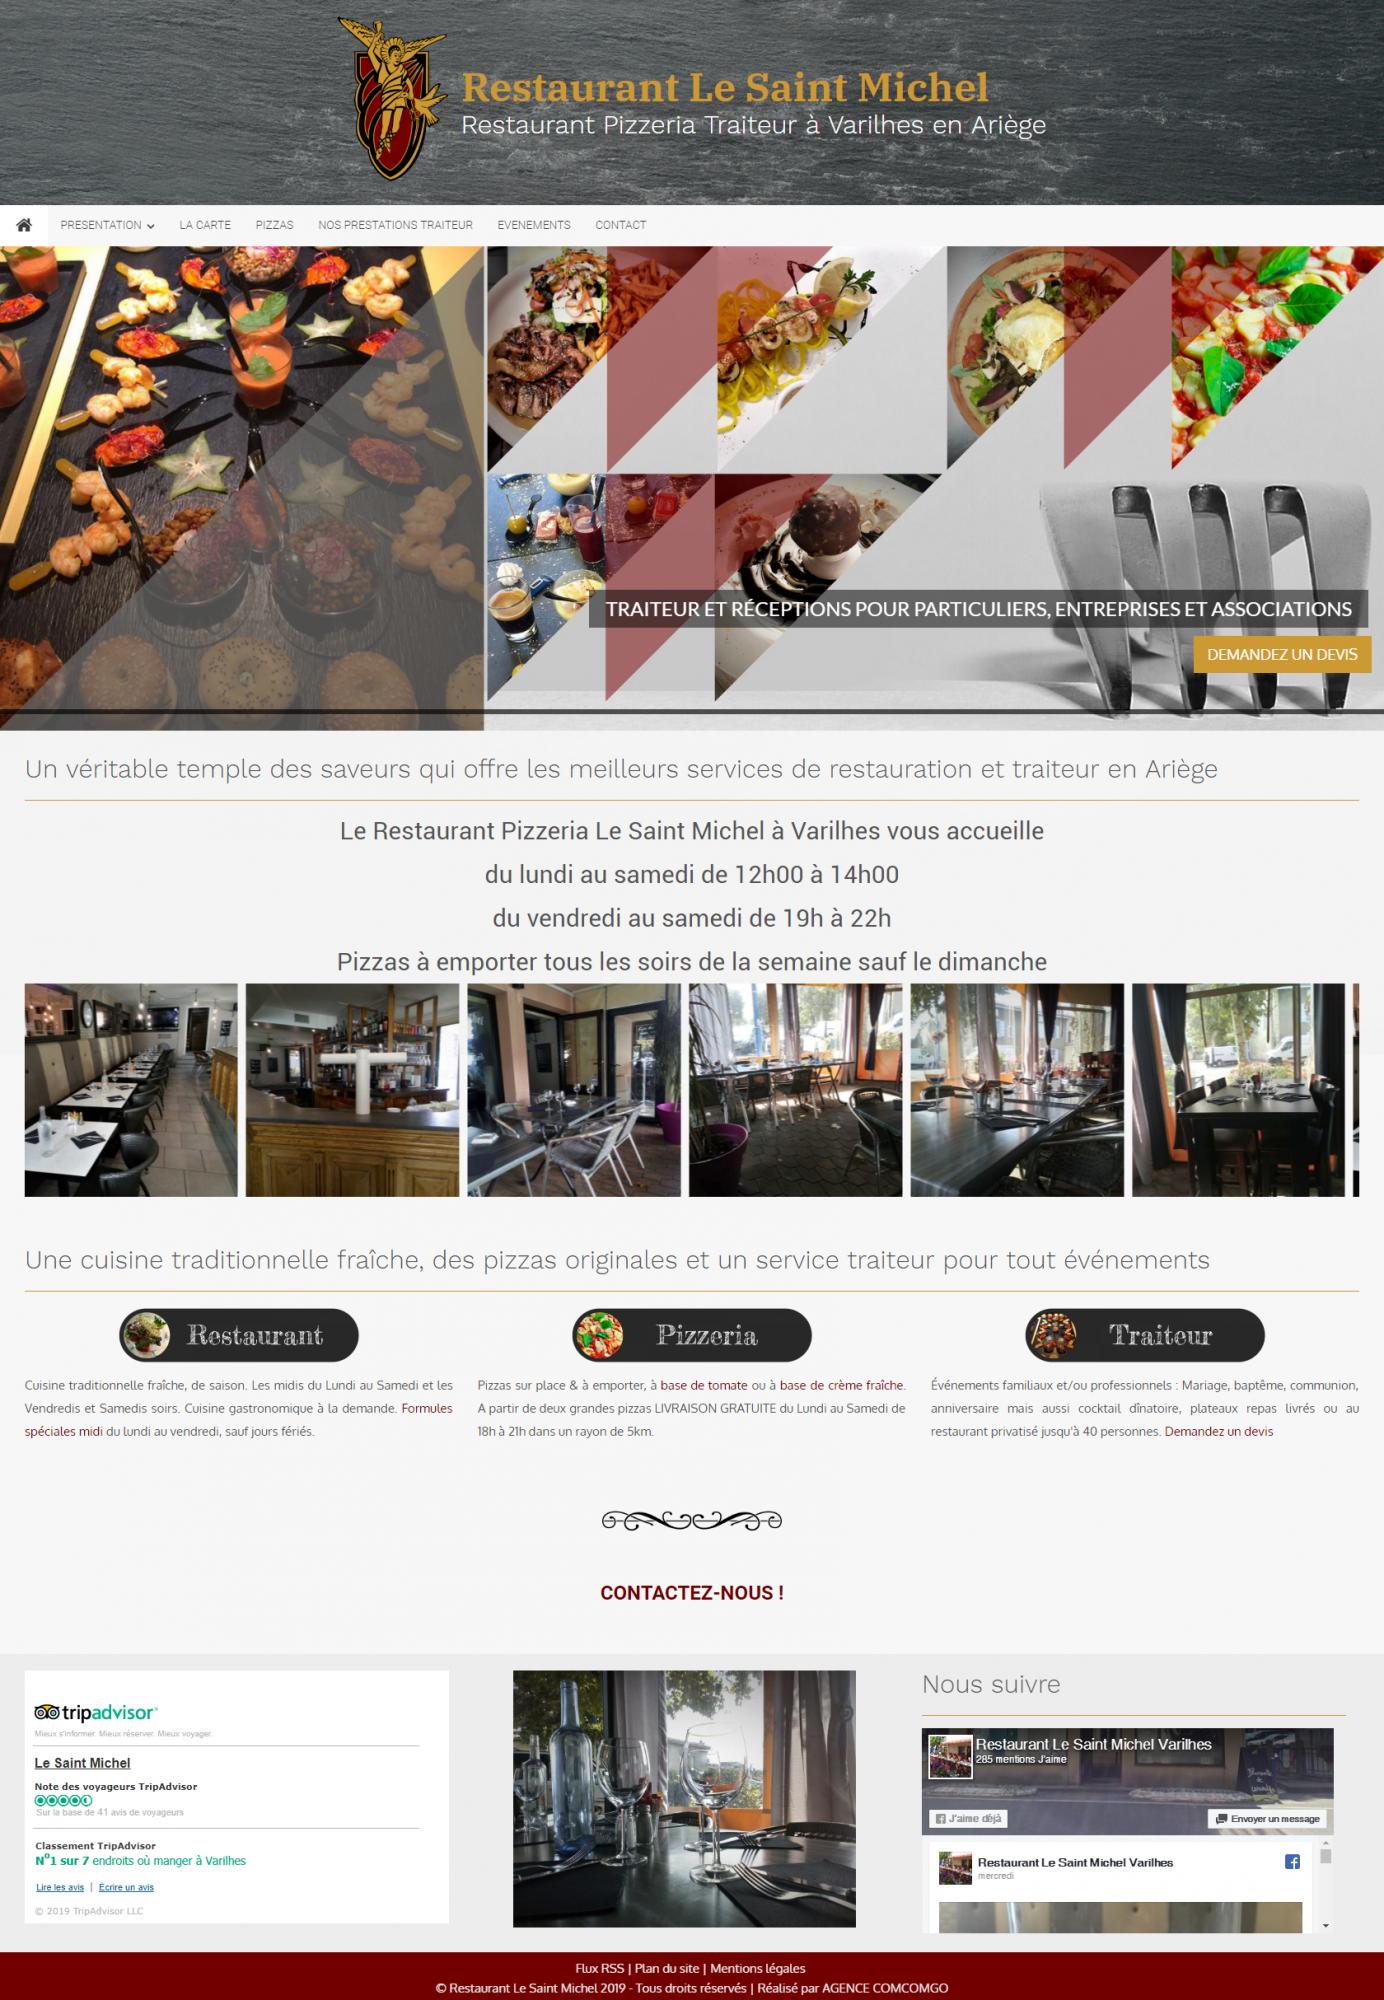 www_restaurant-le-saint-michel_fr